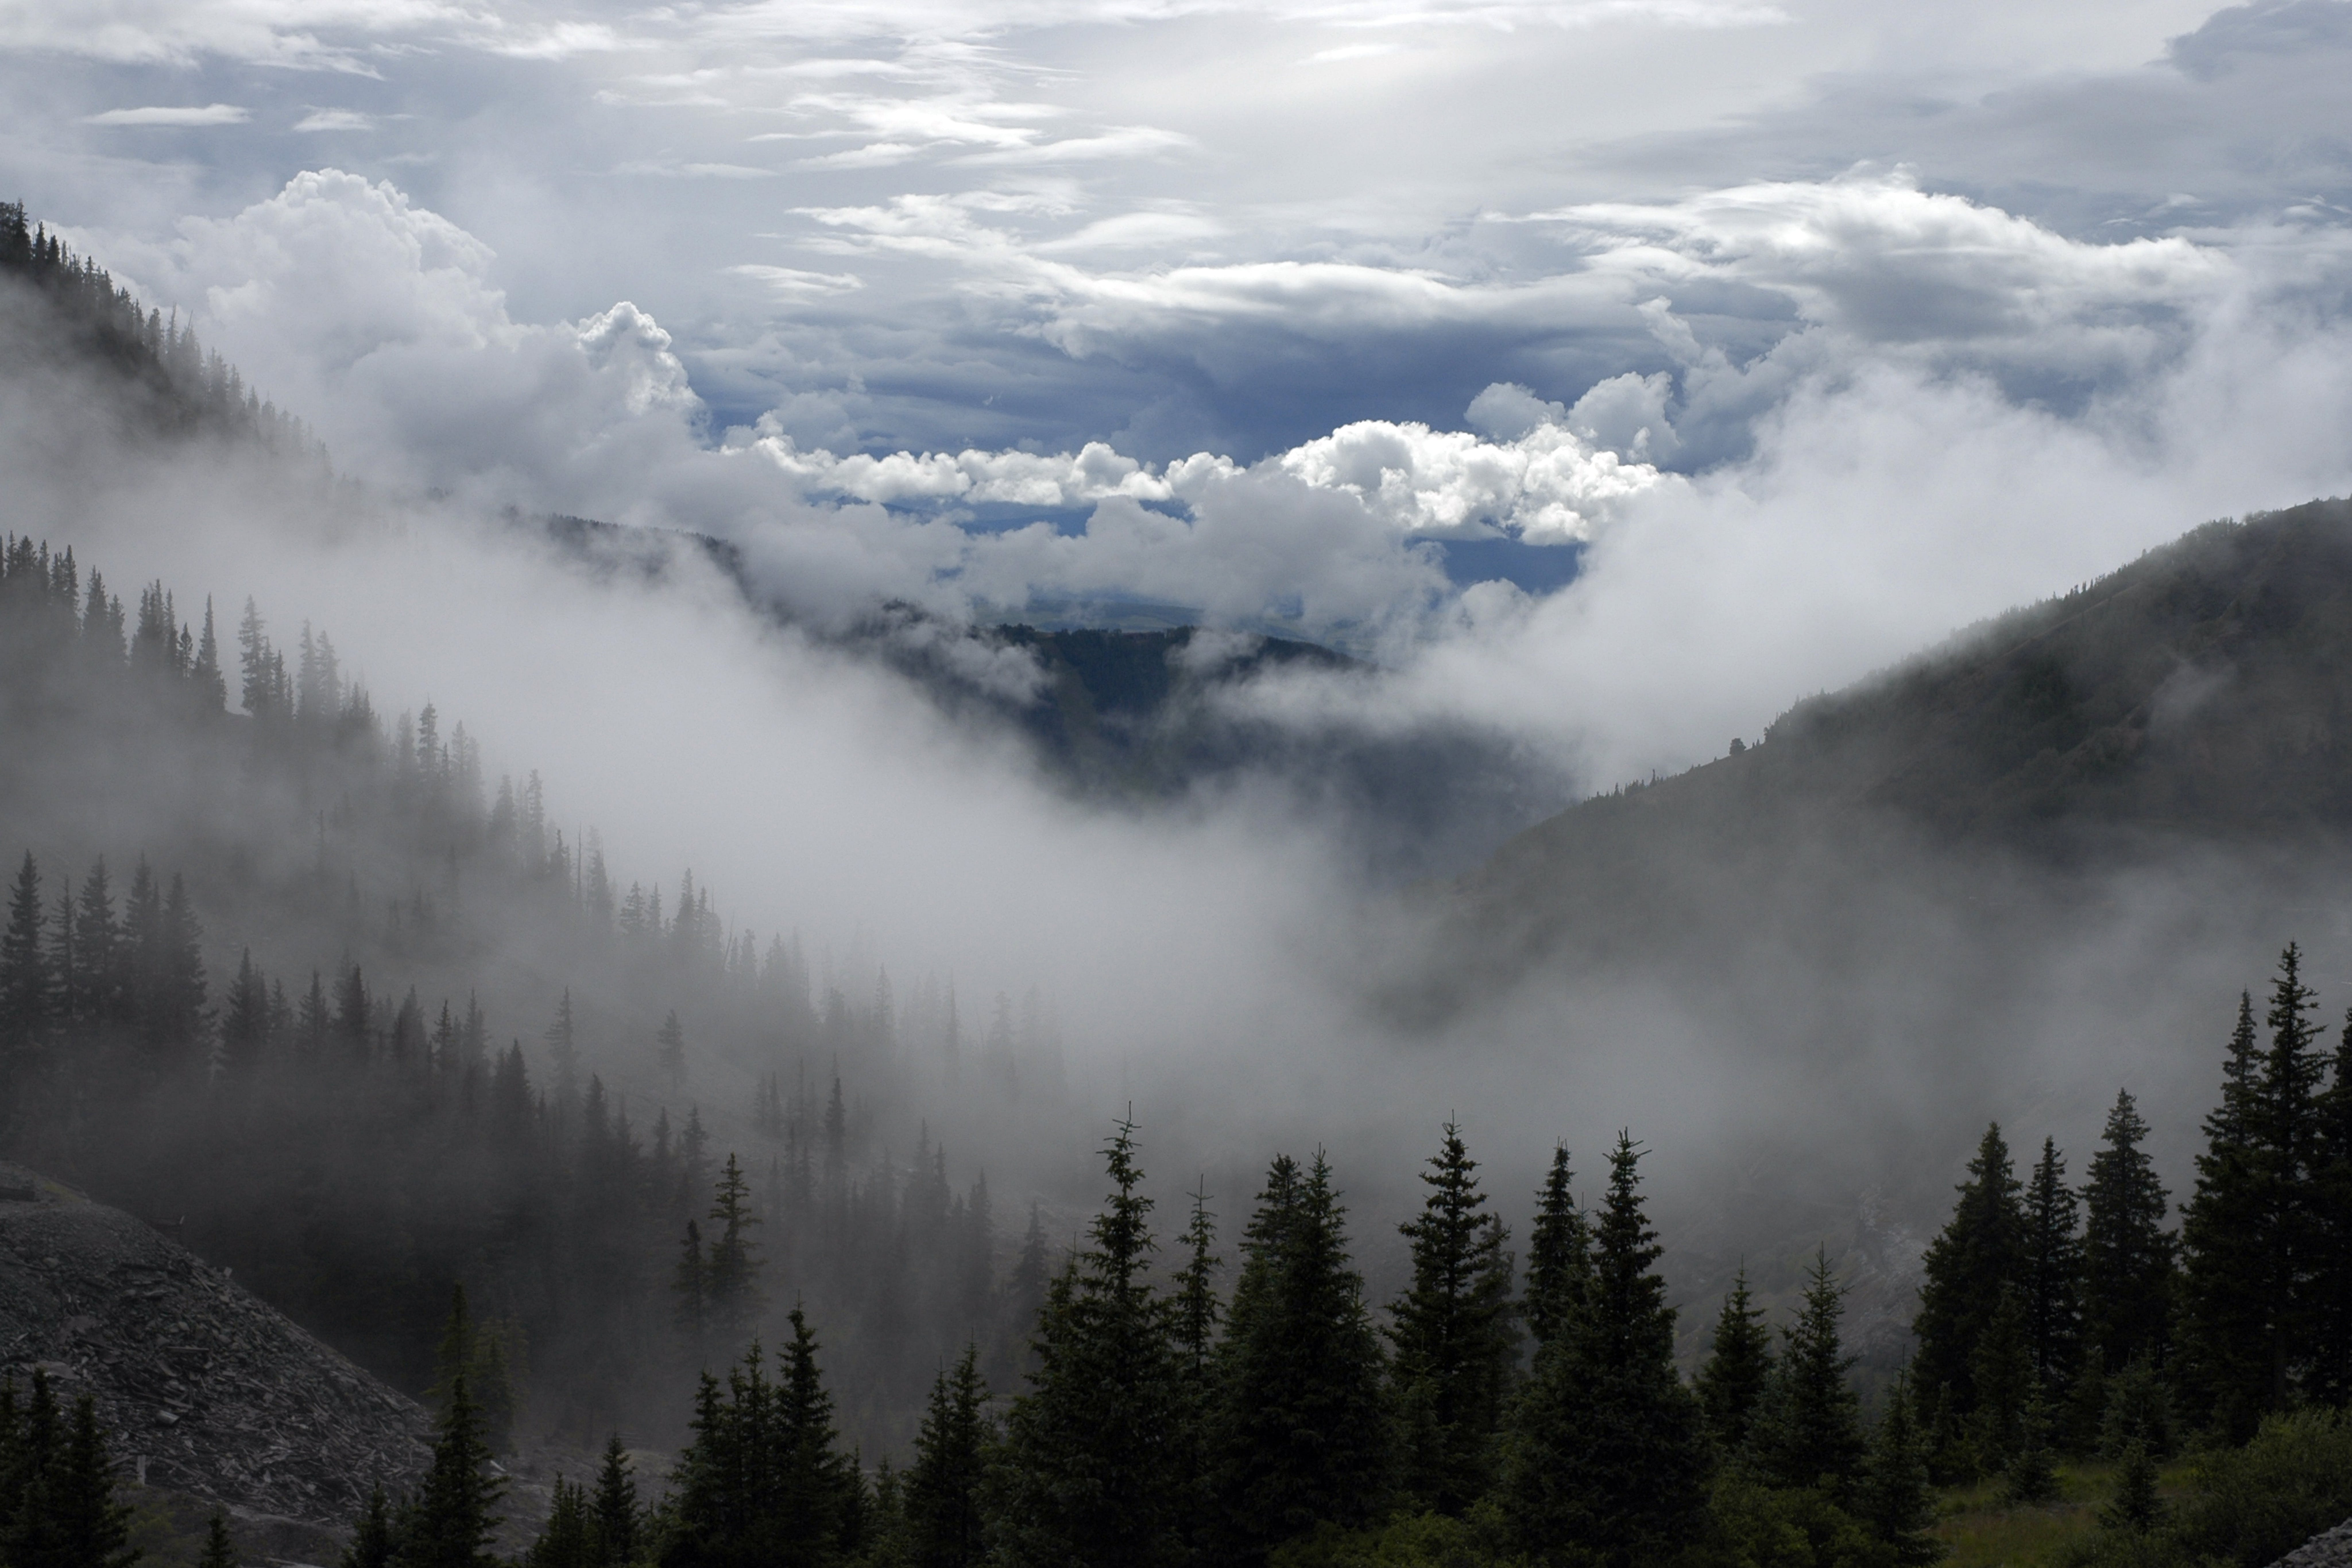 bjerge, diset, fyrretræer